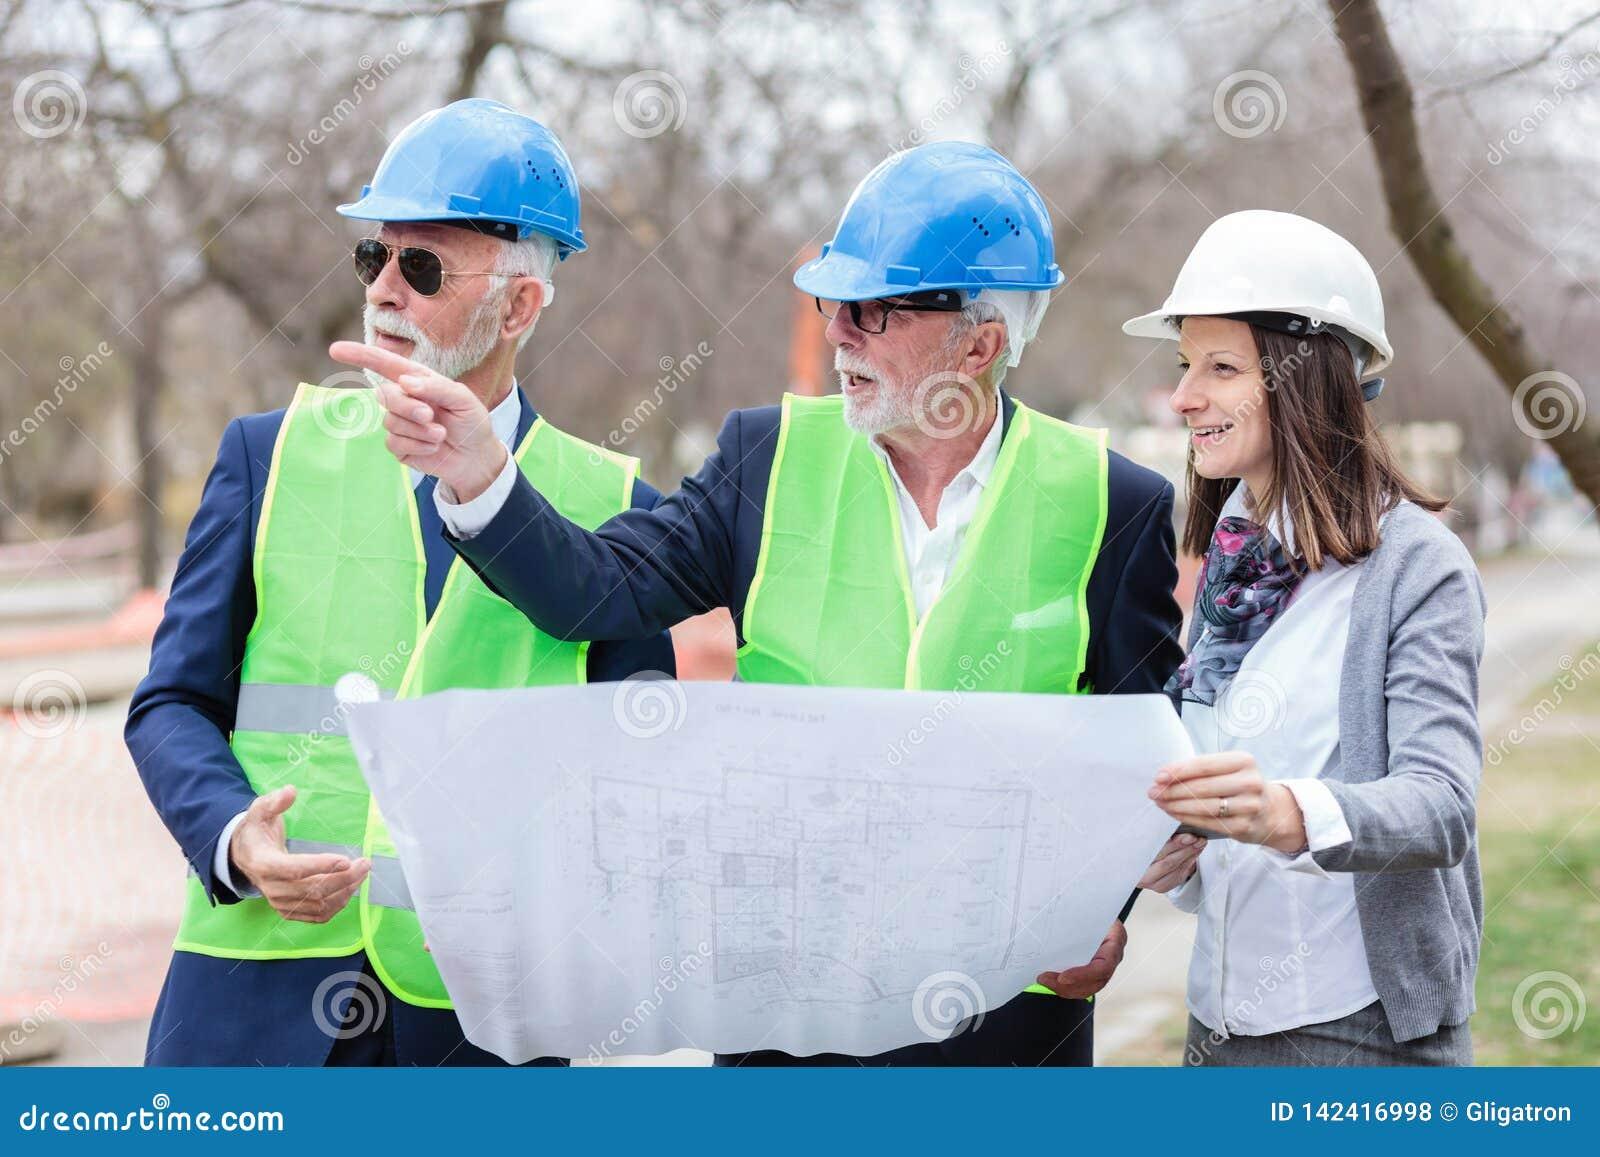 Blandad grupp av arkitekter och affärspartners som diskuterar projektdetaljer under kontroll av en konstruktionsplats